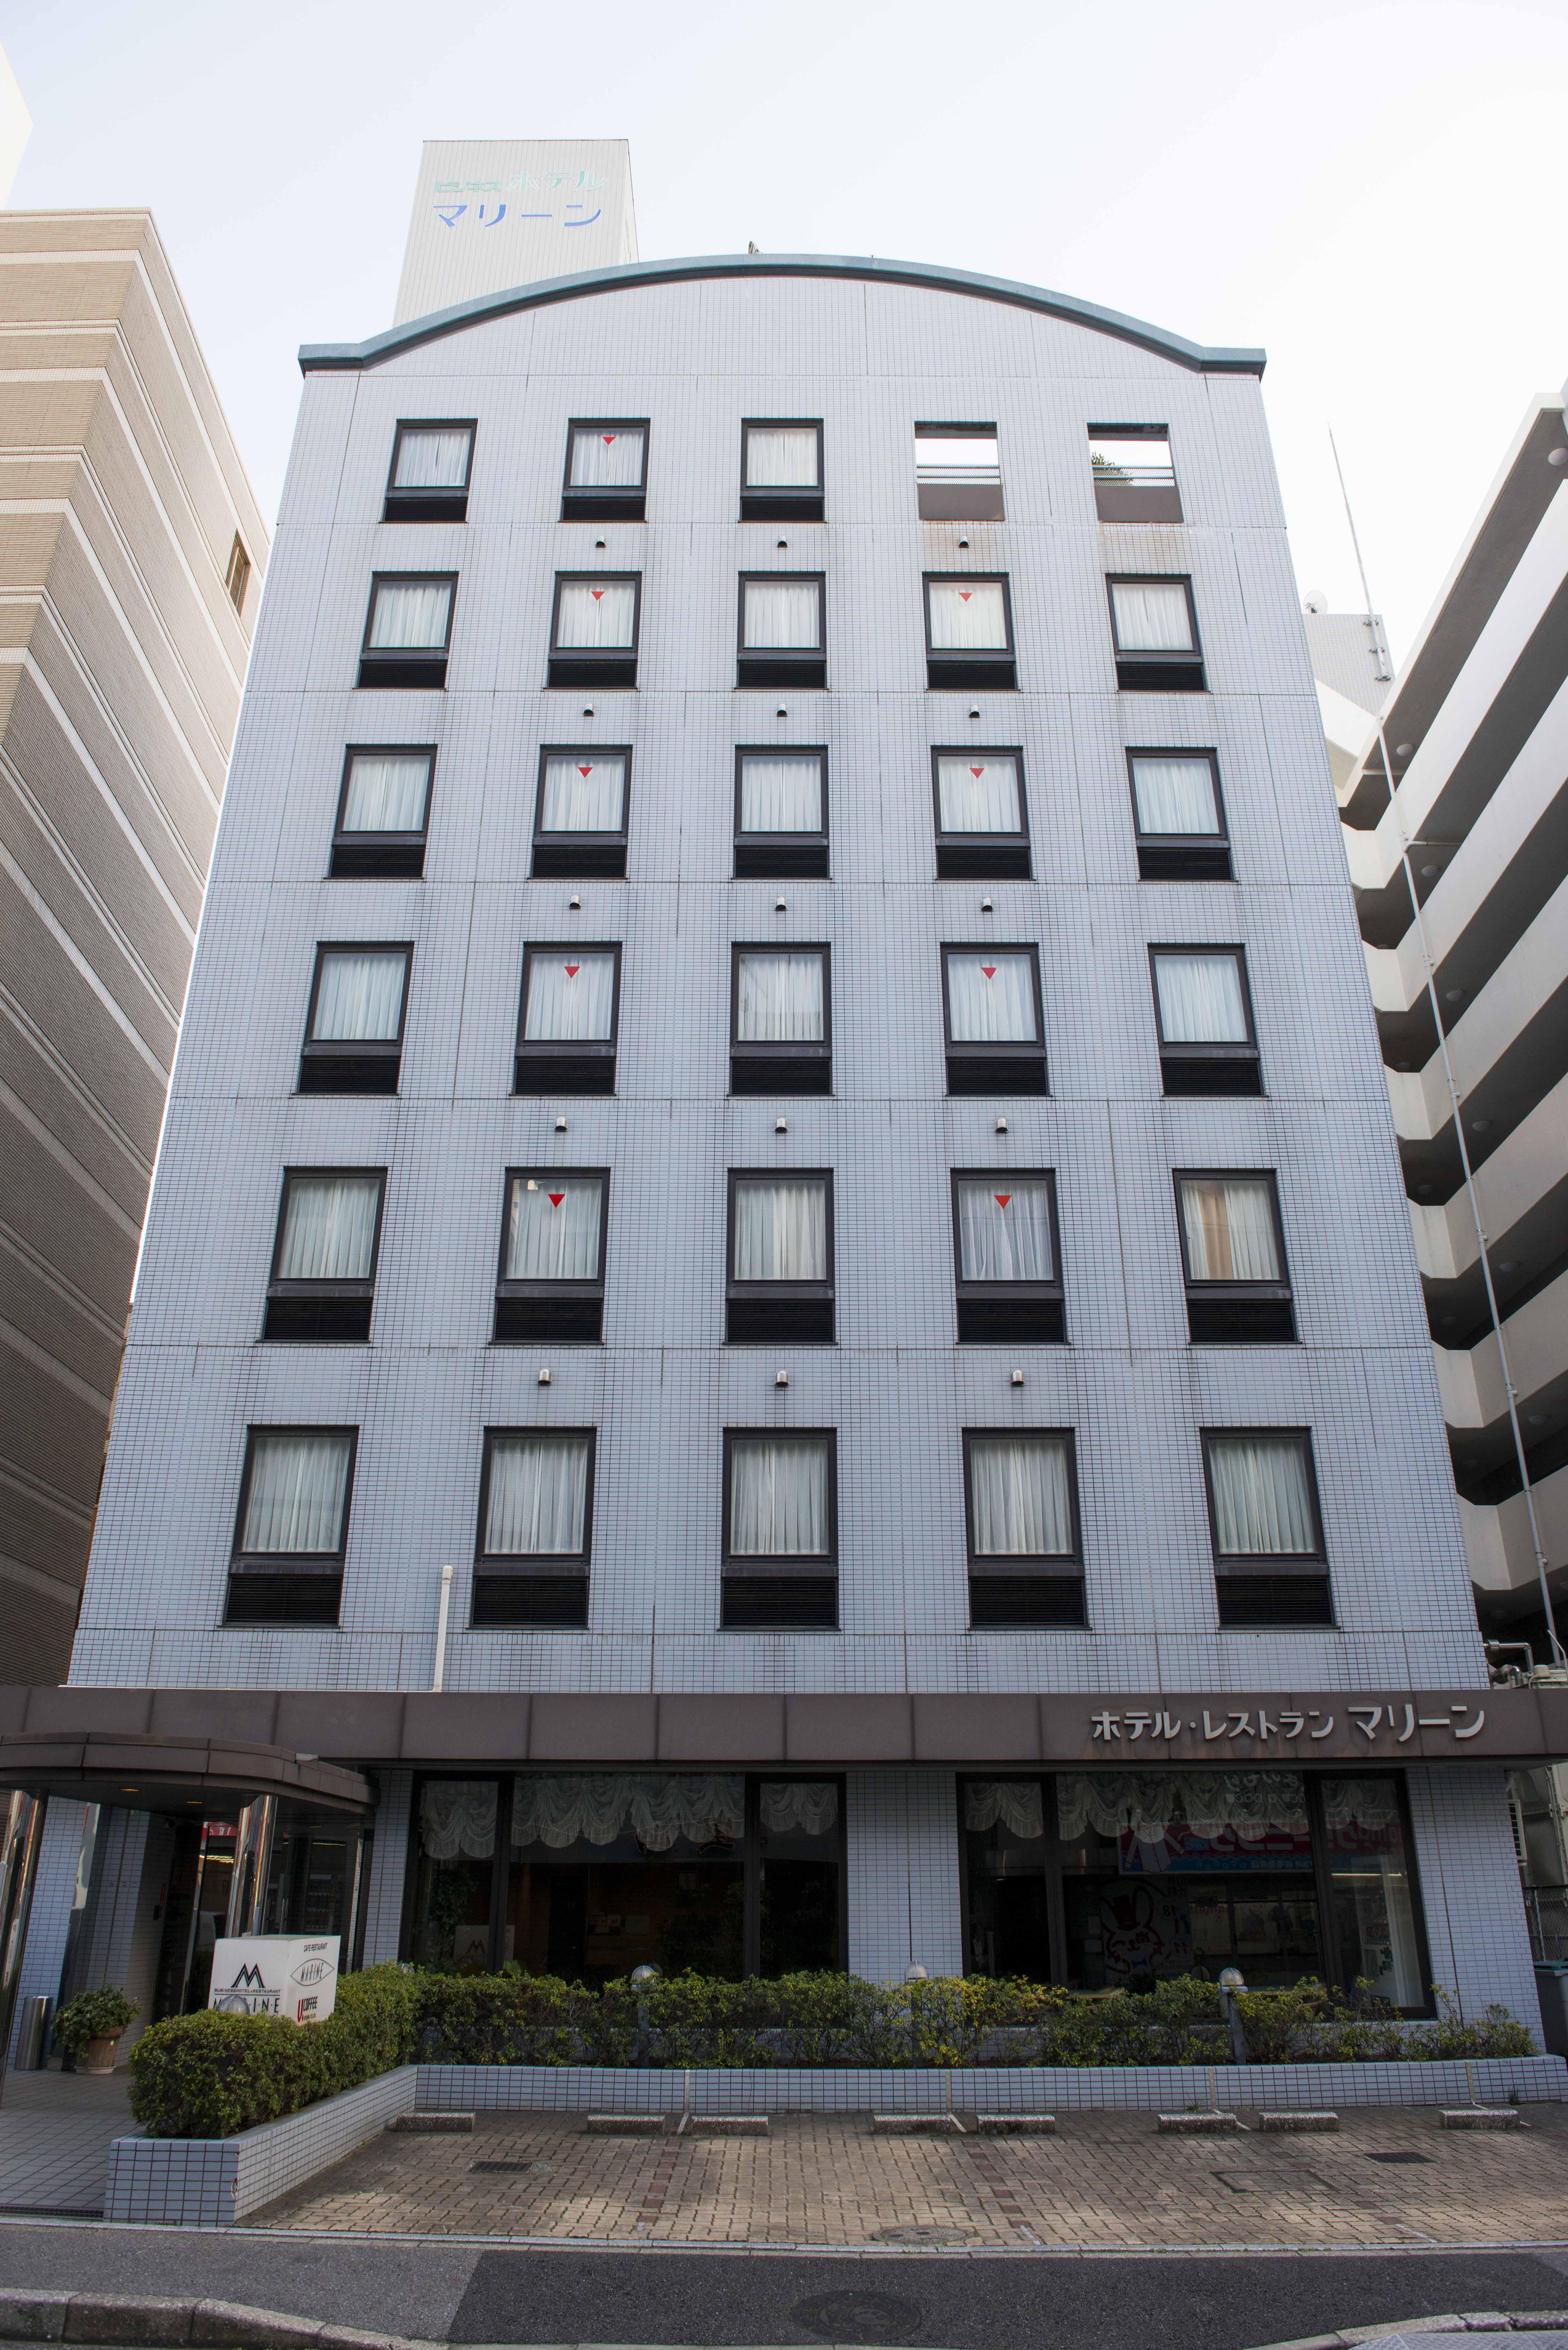 ビジネスホテルマリーン | 千葉市観光協会公式サイト/千葉市観光ガイド